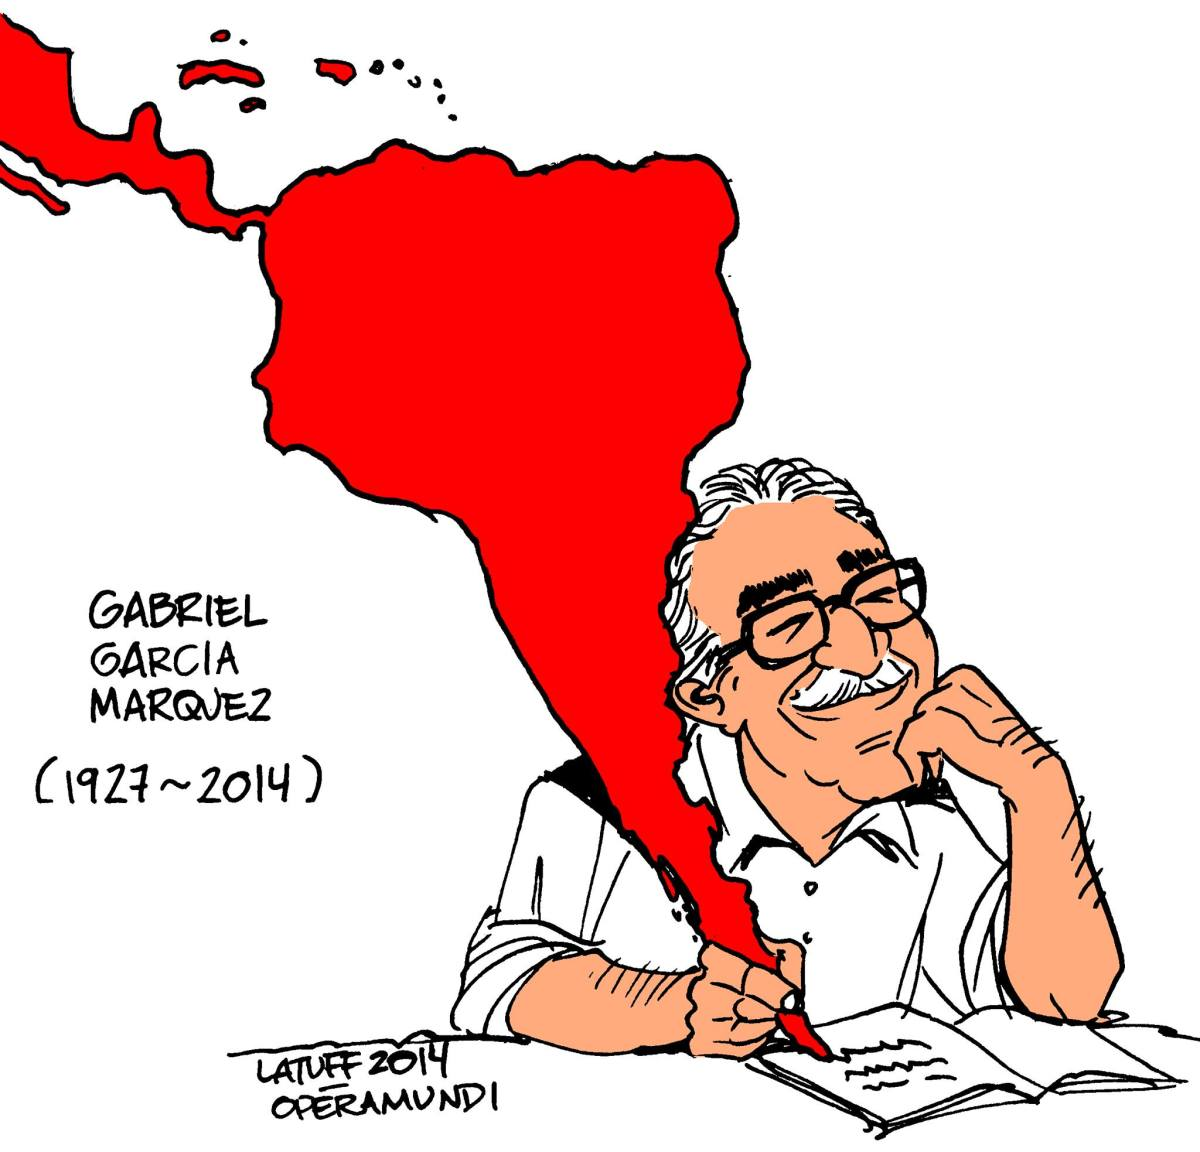 VIAJAR (de Gabriel García Márquez)